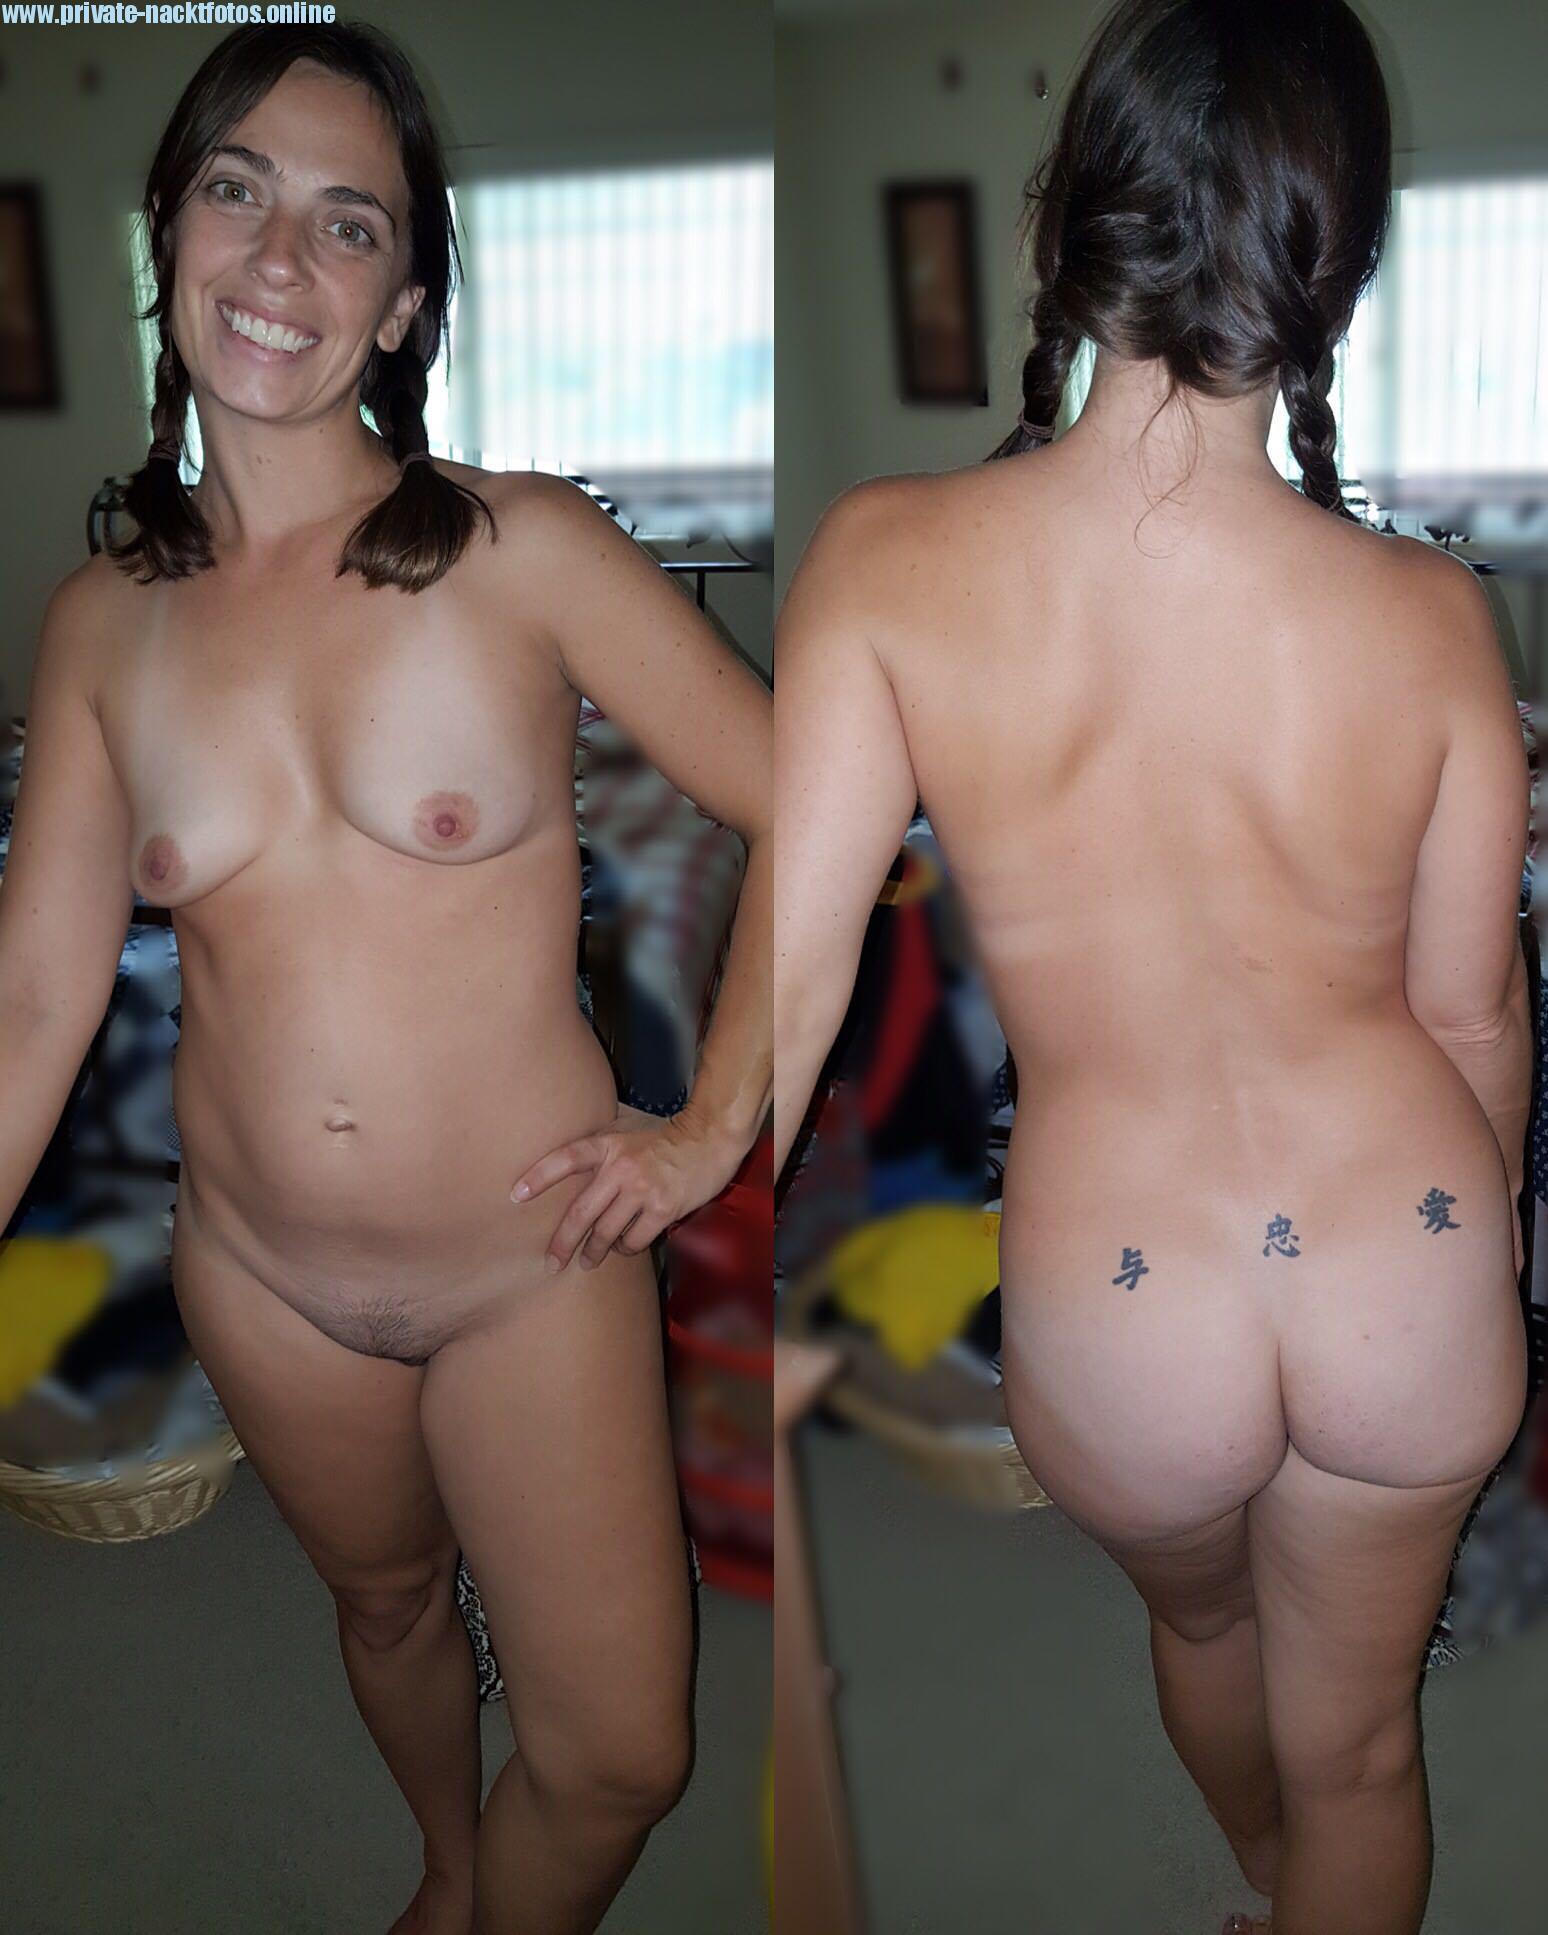 Nacktfoto Privat